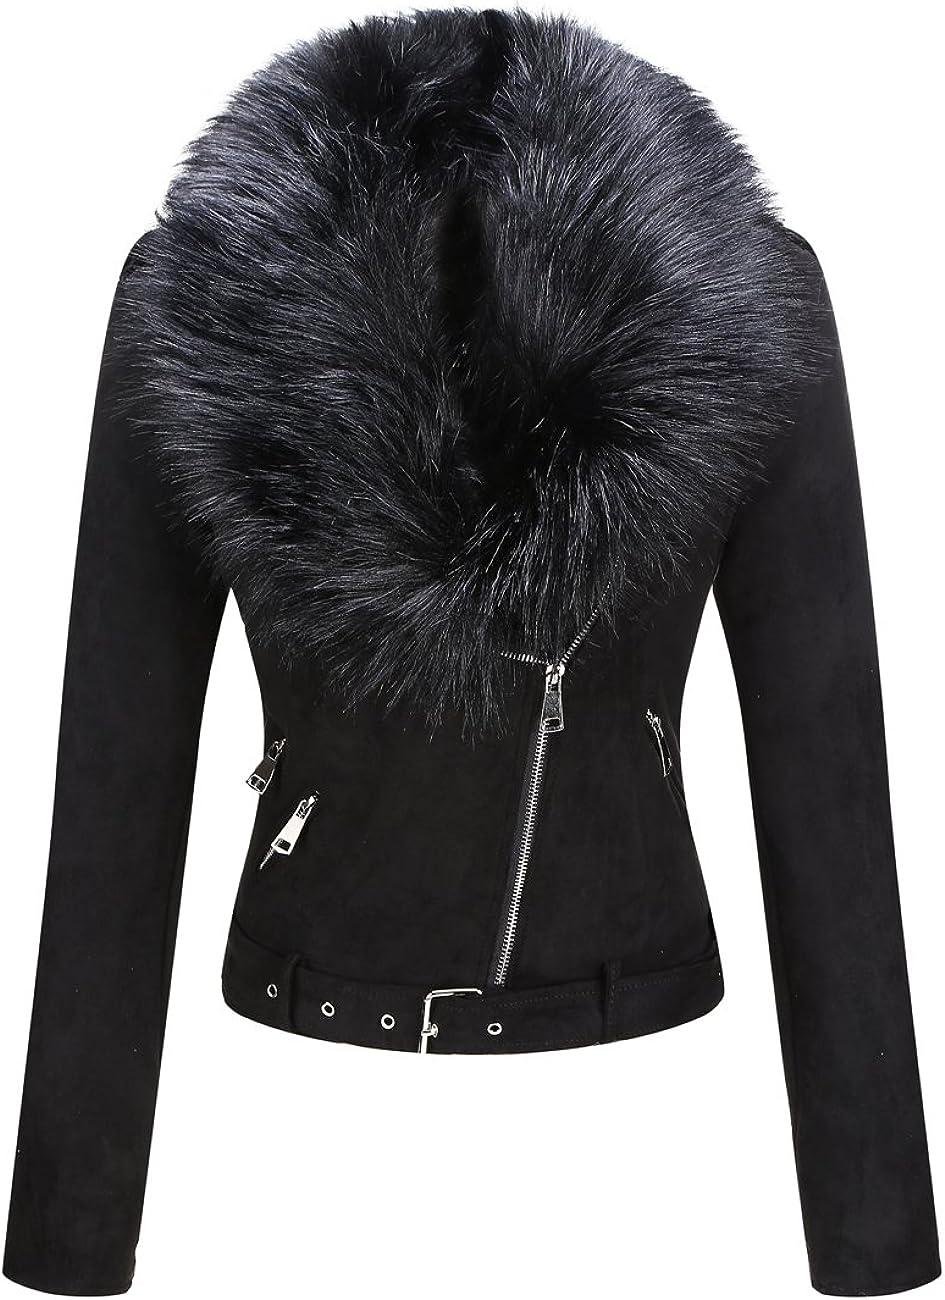 Bellivera Women's Faux Suede Jacket, Coat with Detachable Faux Fur Collar